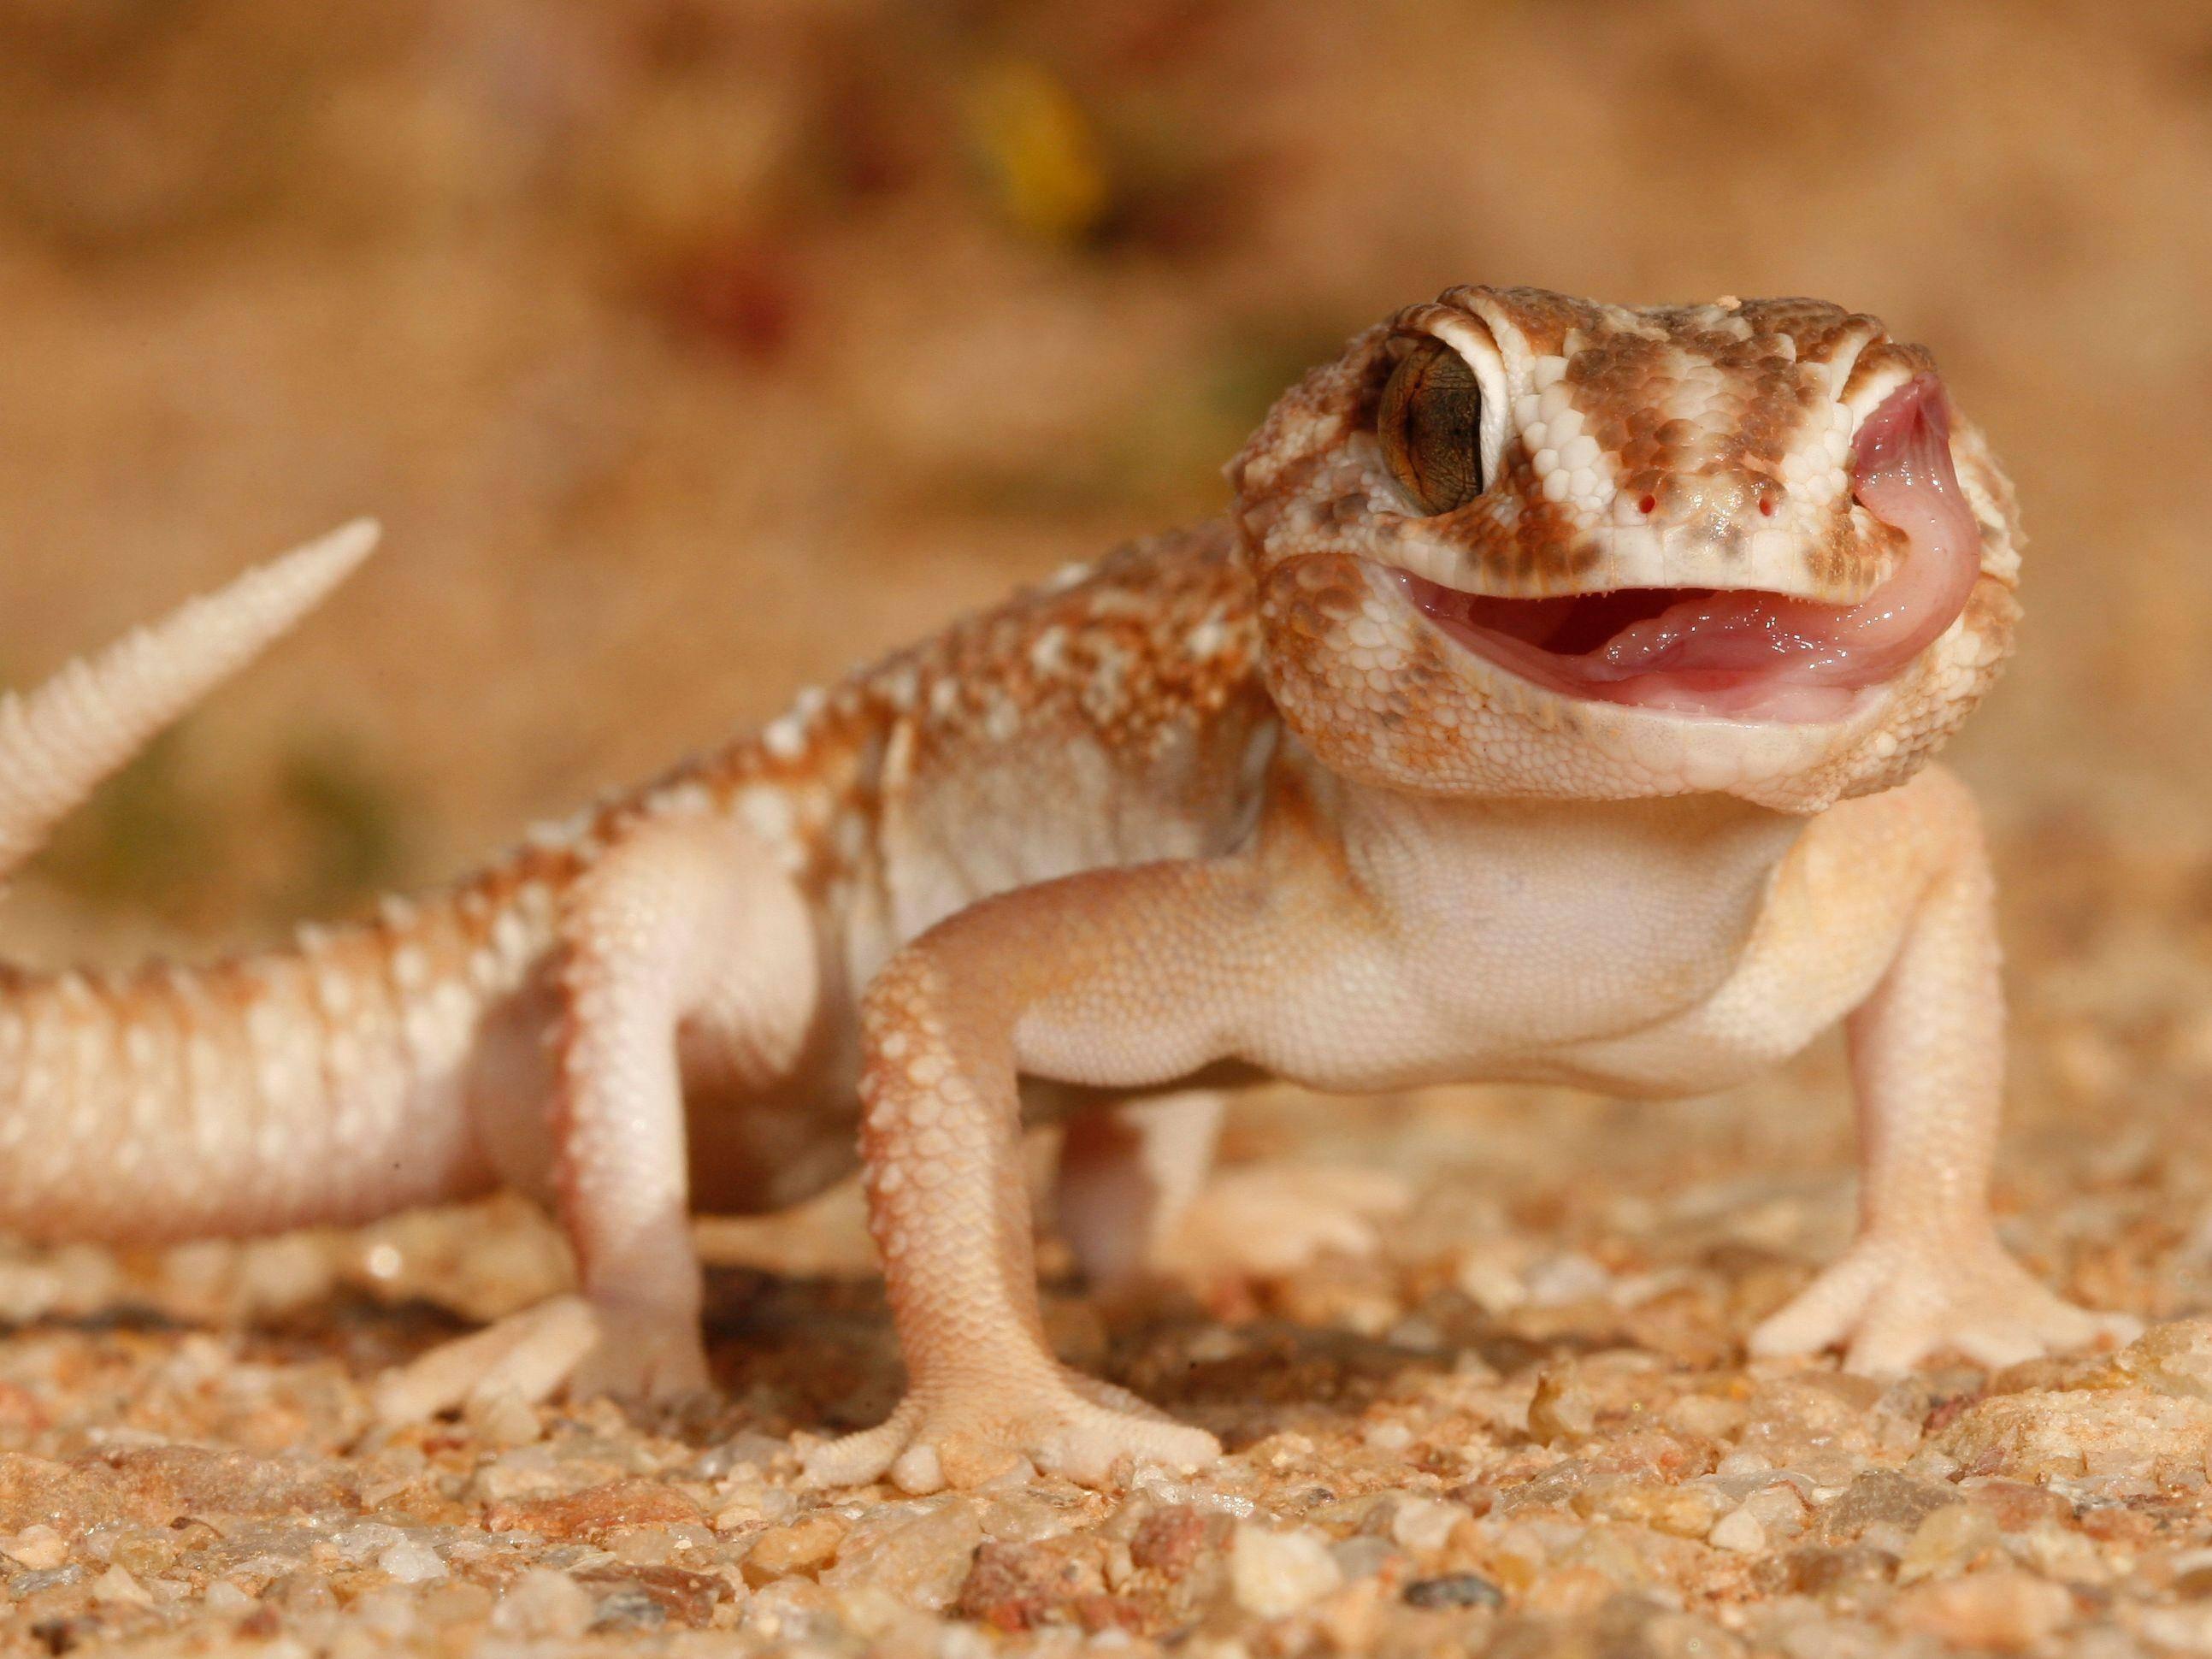 Chondrodactylus Angulifer Gecko: Wie ein kleiner Drache — Bild: Shutterstock / Andre Coetzer